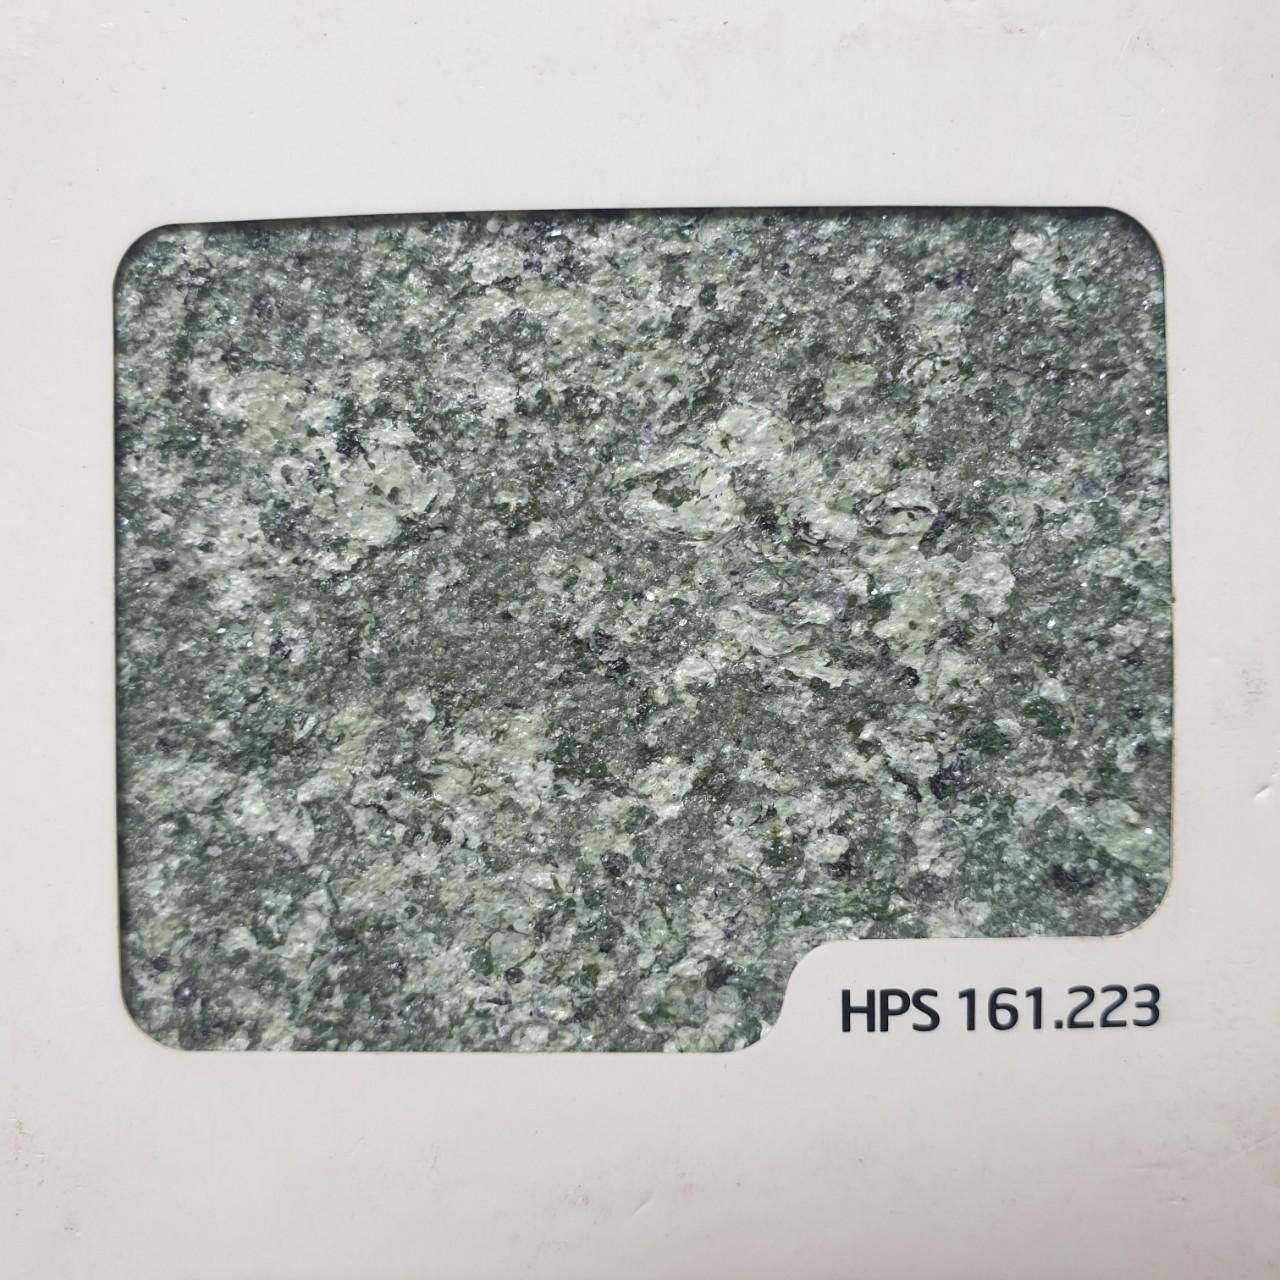 HPS 161 223